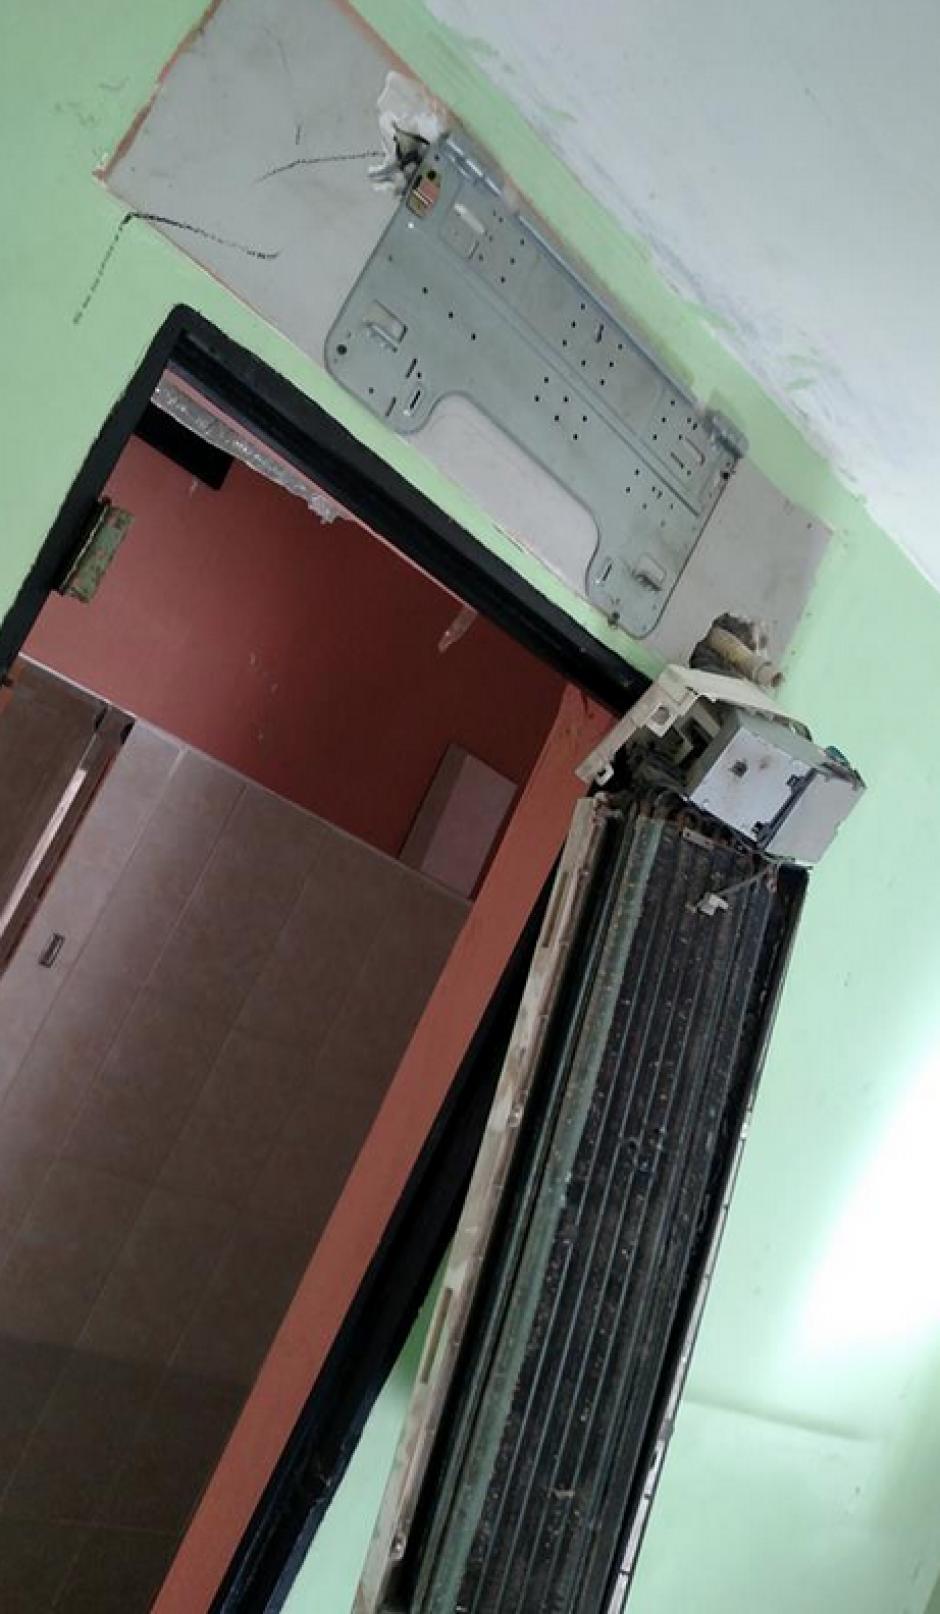 En más de una celda fueron encontradas comodidades como aire acondicionado. (Foto: Comunicación Social del Estado de Nuevo León)